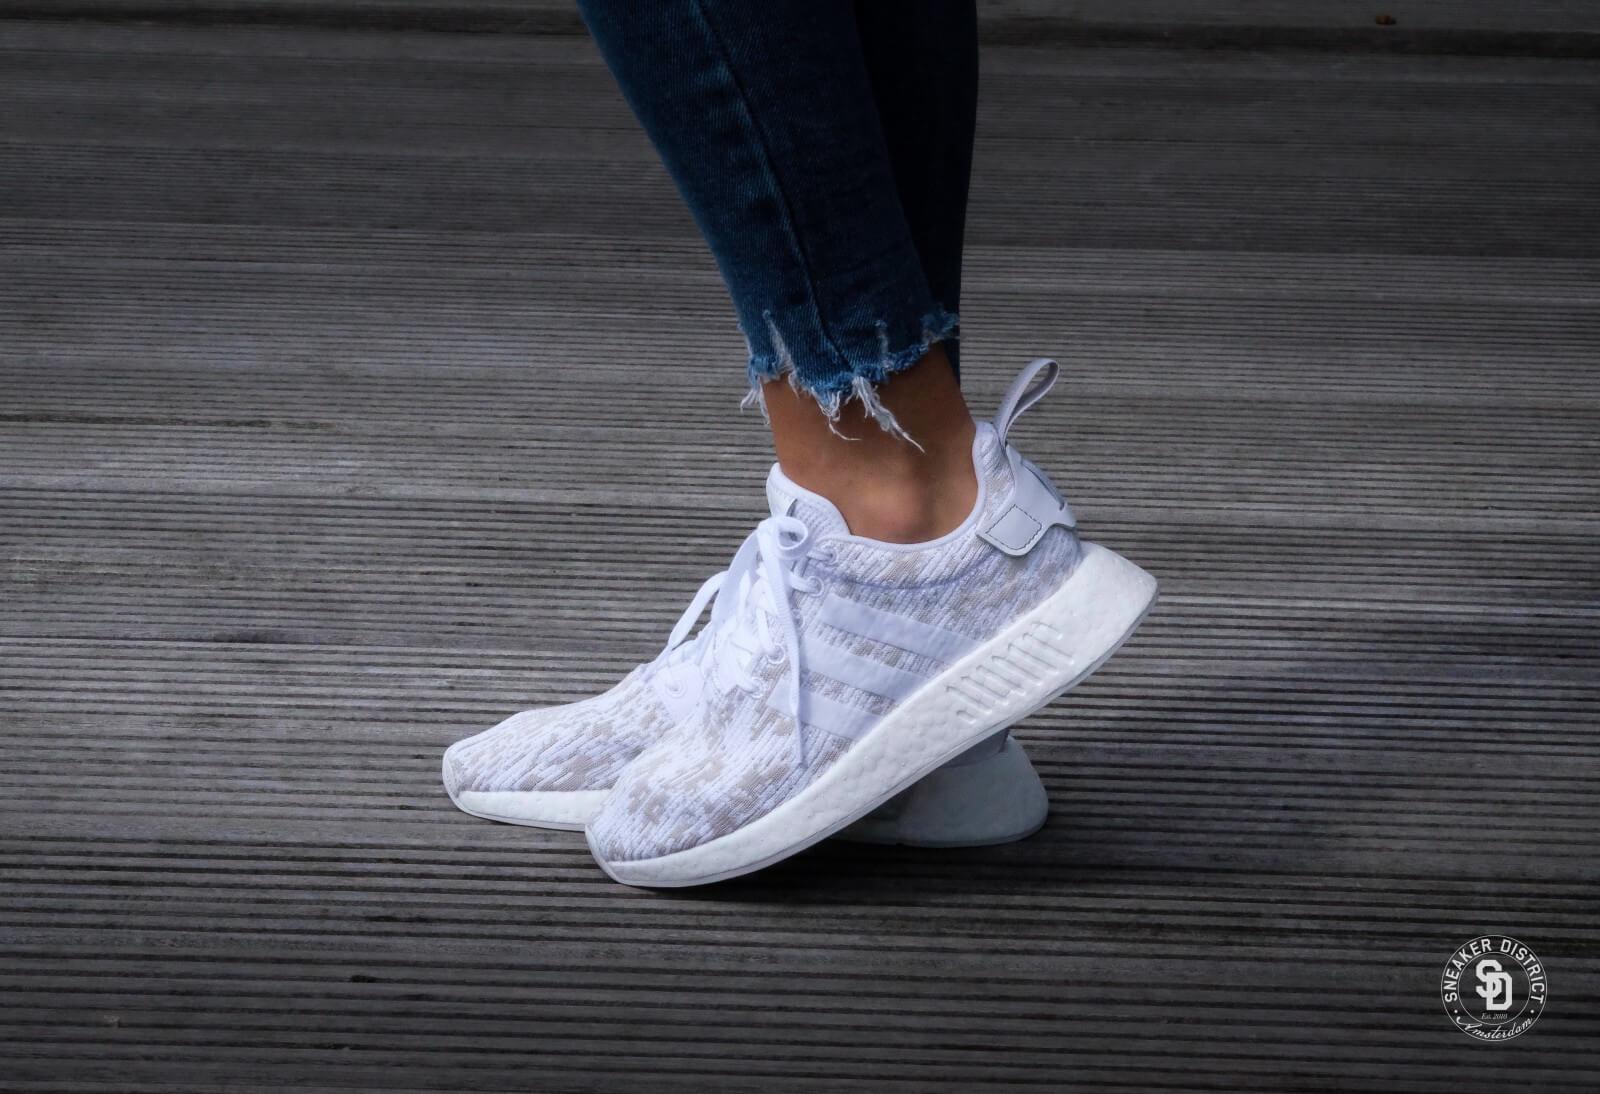 Adidas Nmd R2 W Footwear White Grey Two By8691